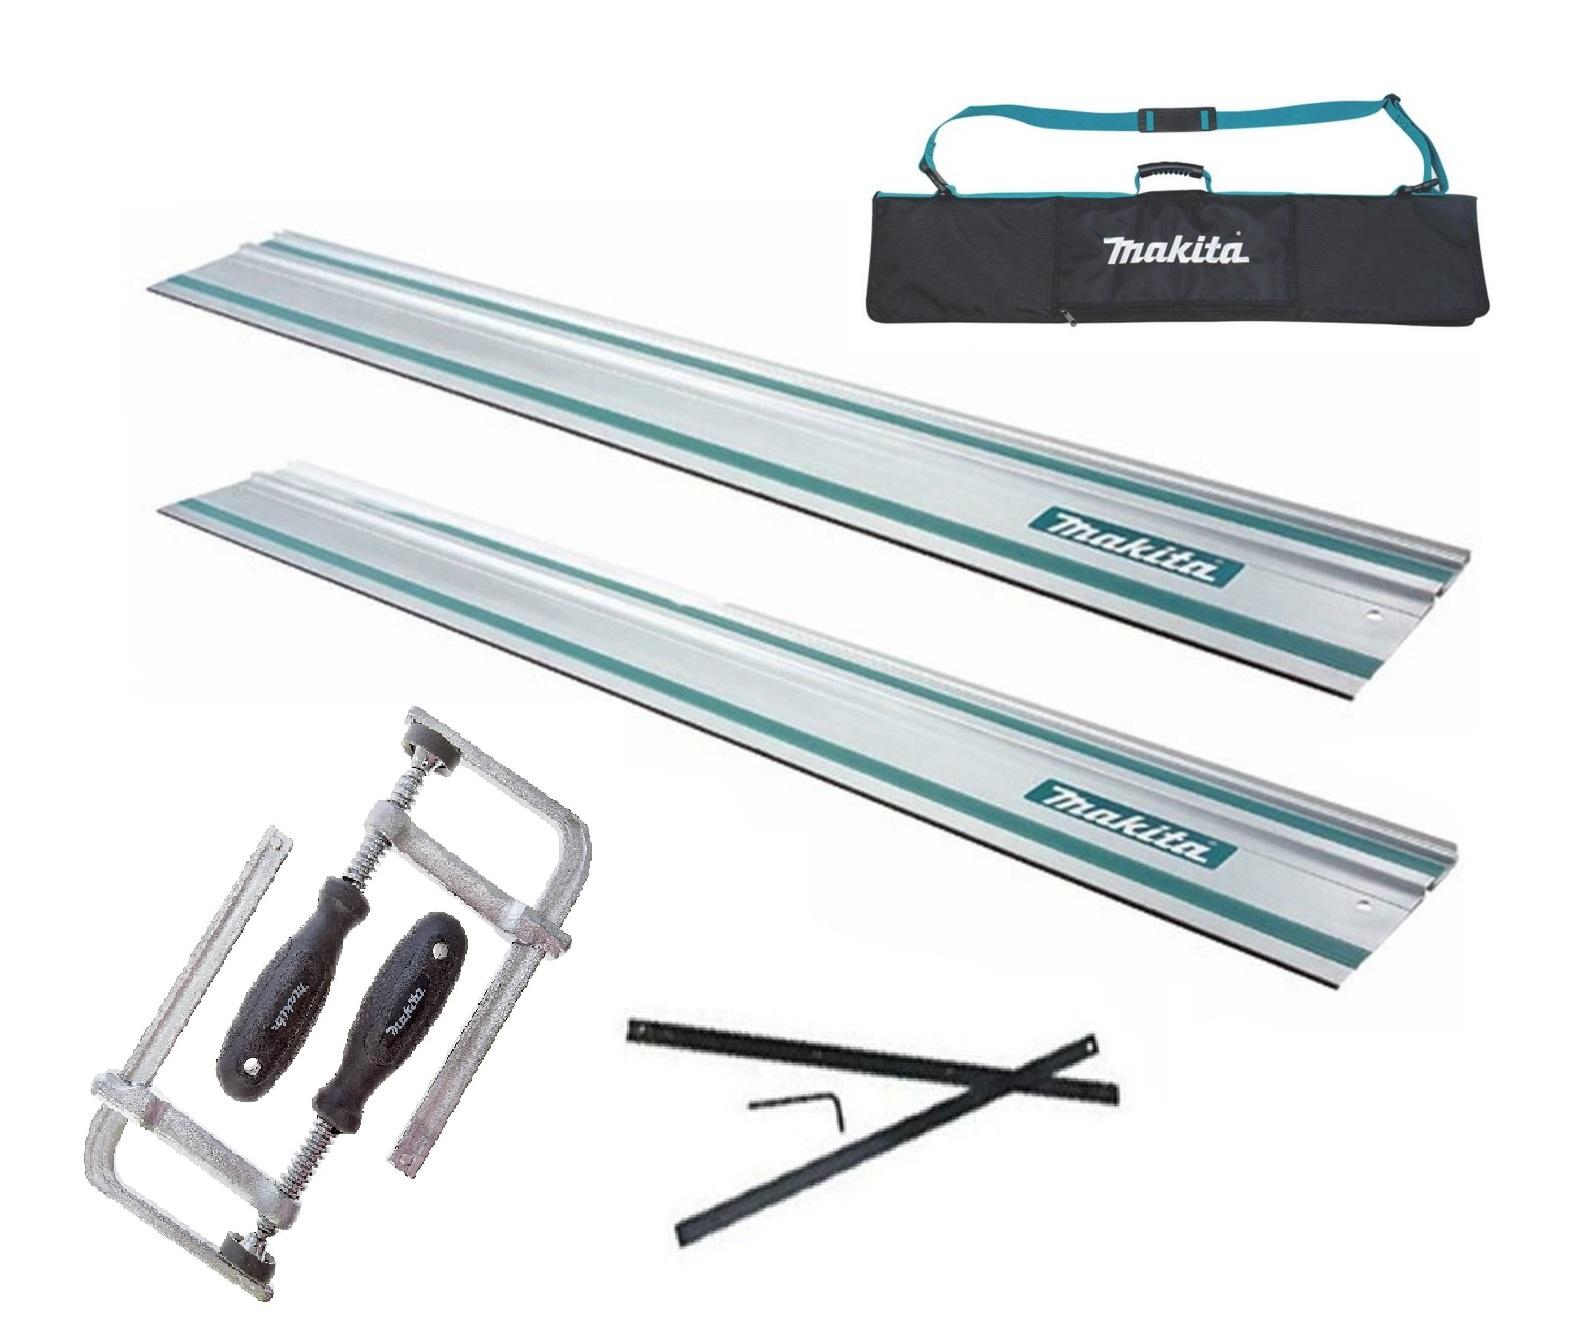 Makita Guide Rail Pack - x2 1.5 Metre Guide Rails / Connector / Clamps & 1.5 Metre Bag